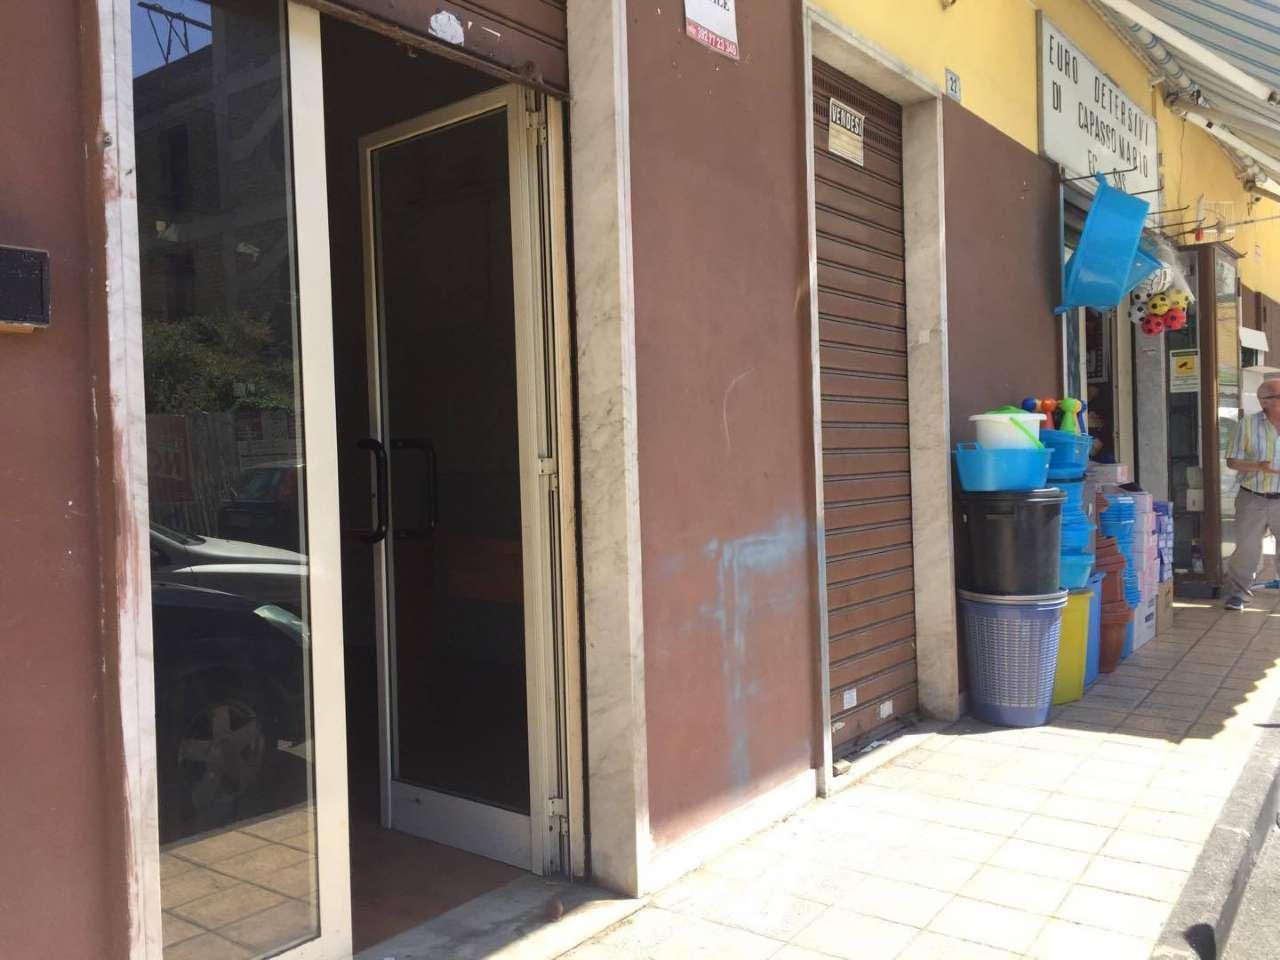 Negozio / Locale in affitto a Frattamaggiore, 1 locali, prezzo € 350 | CambioCasa.it